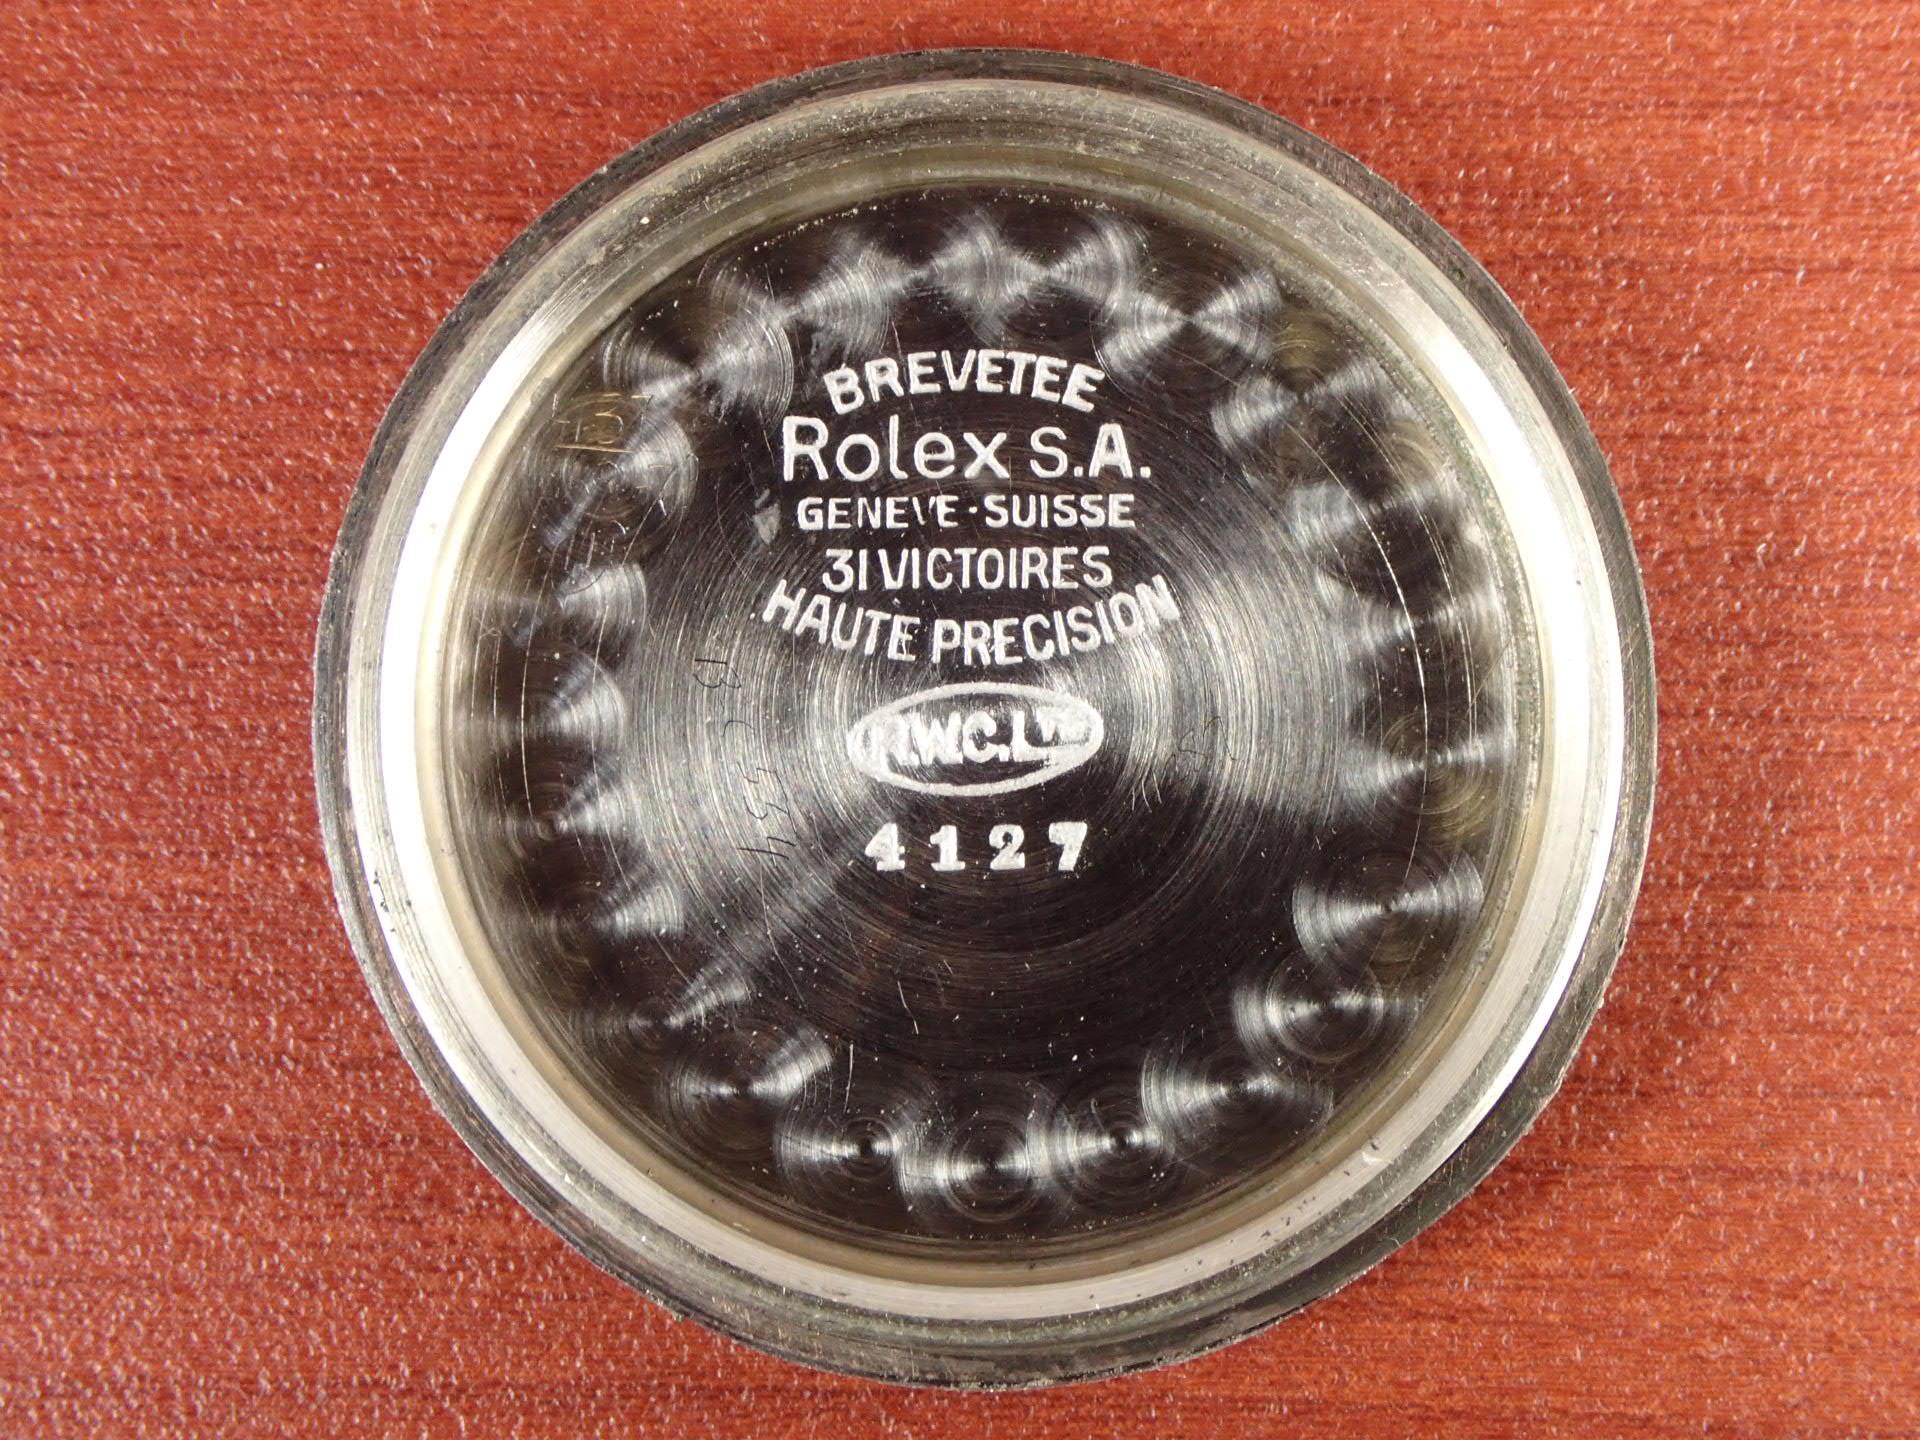 ロレックス オイスター アスリート Ref.4127 シンダーケース 1940年代の写真6枚目